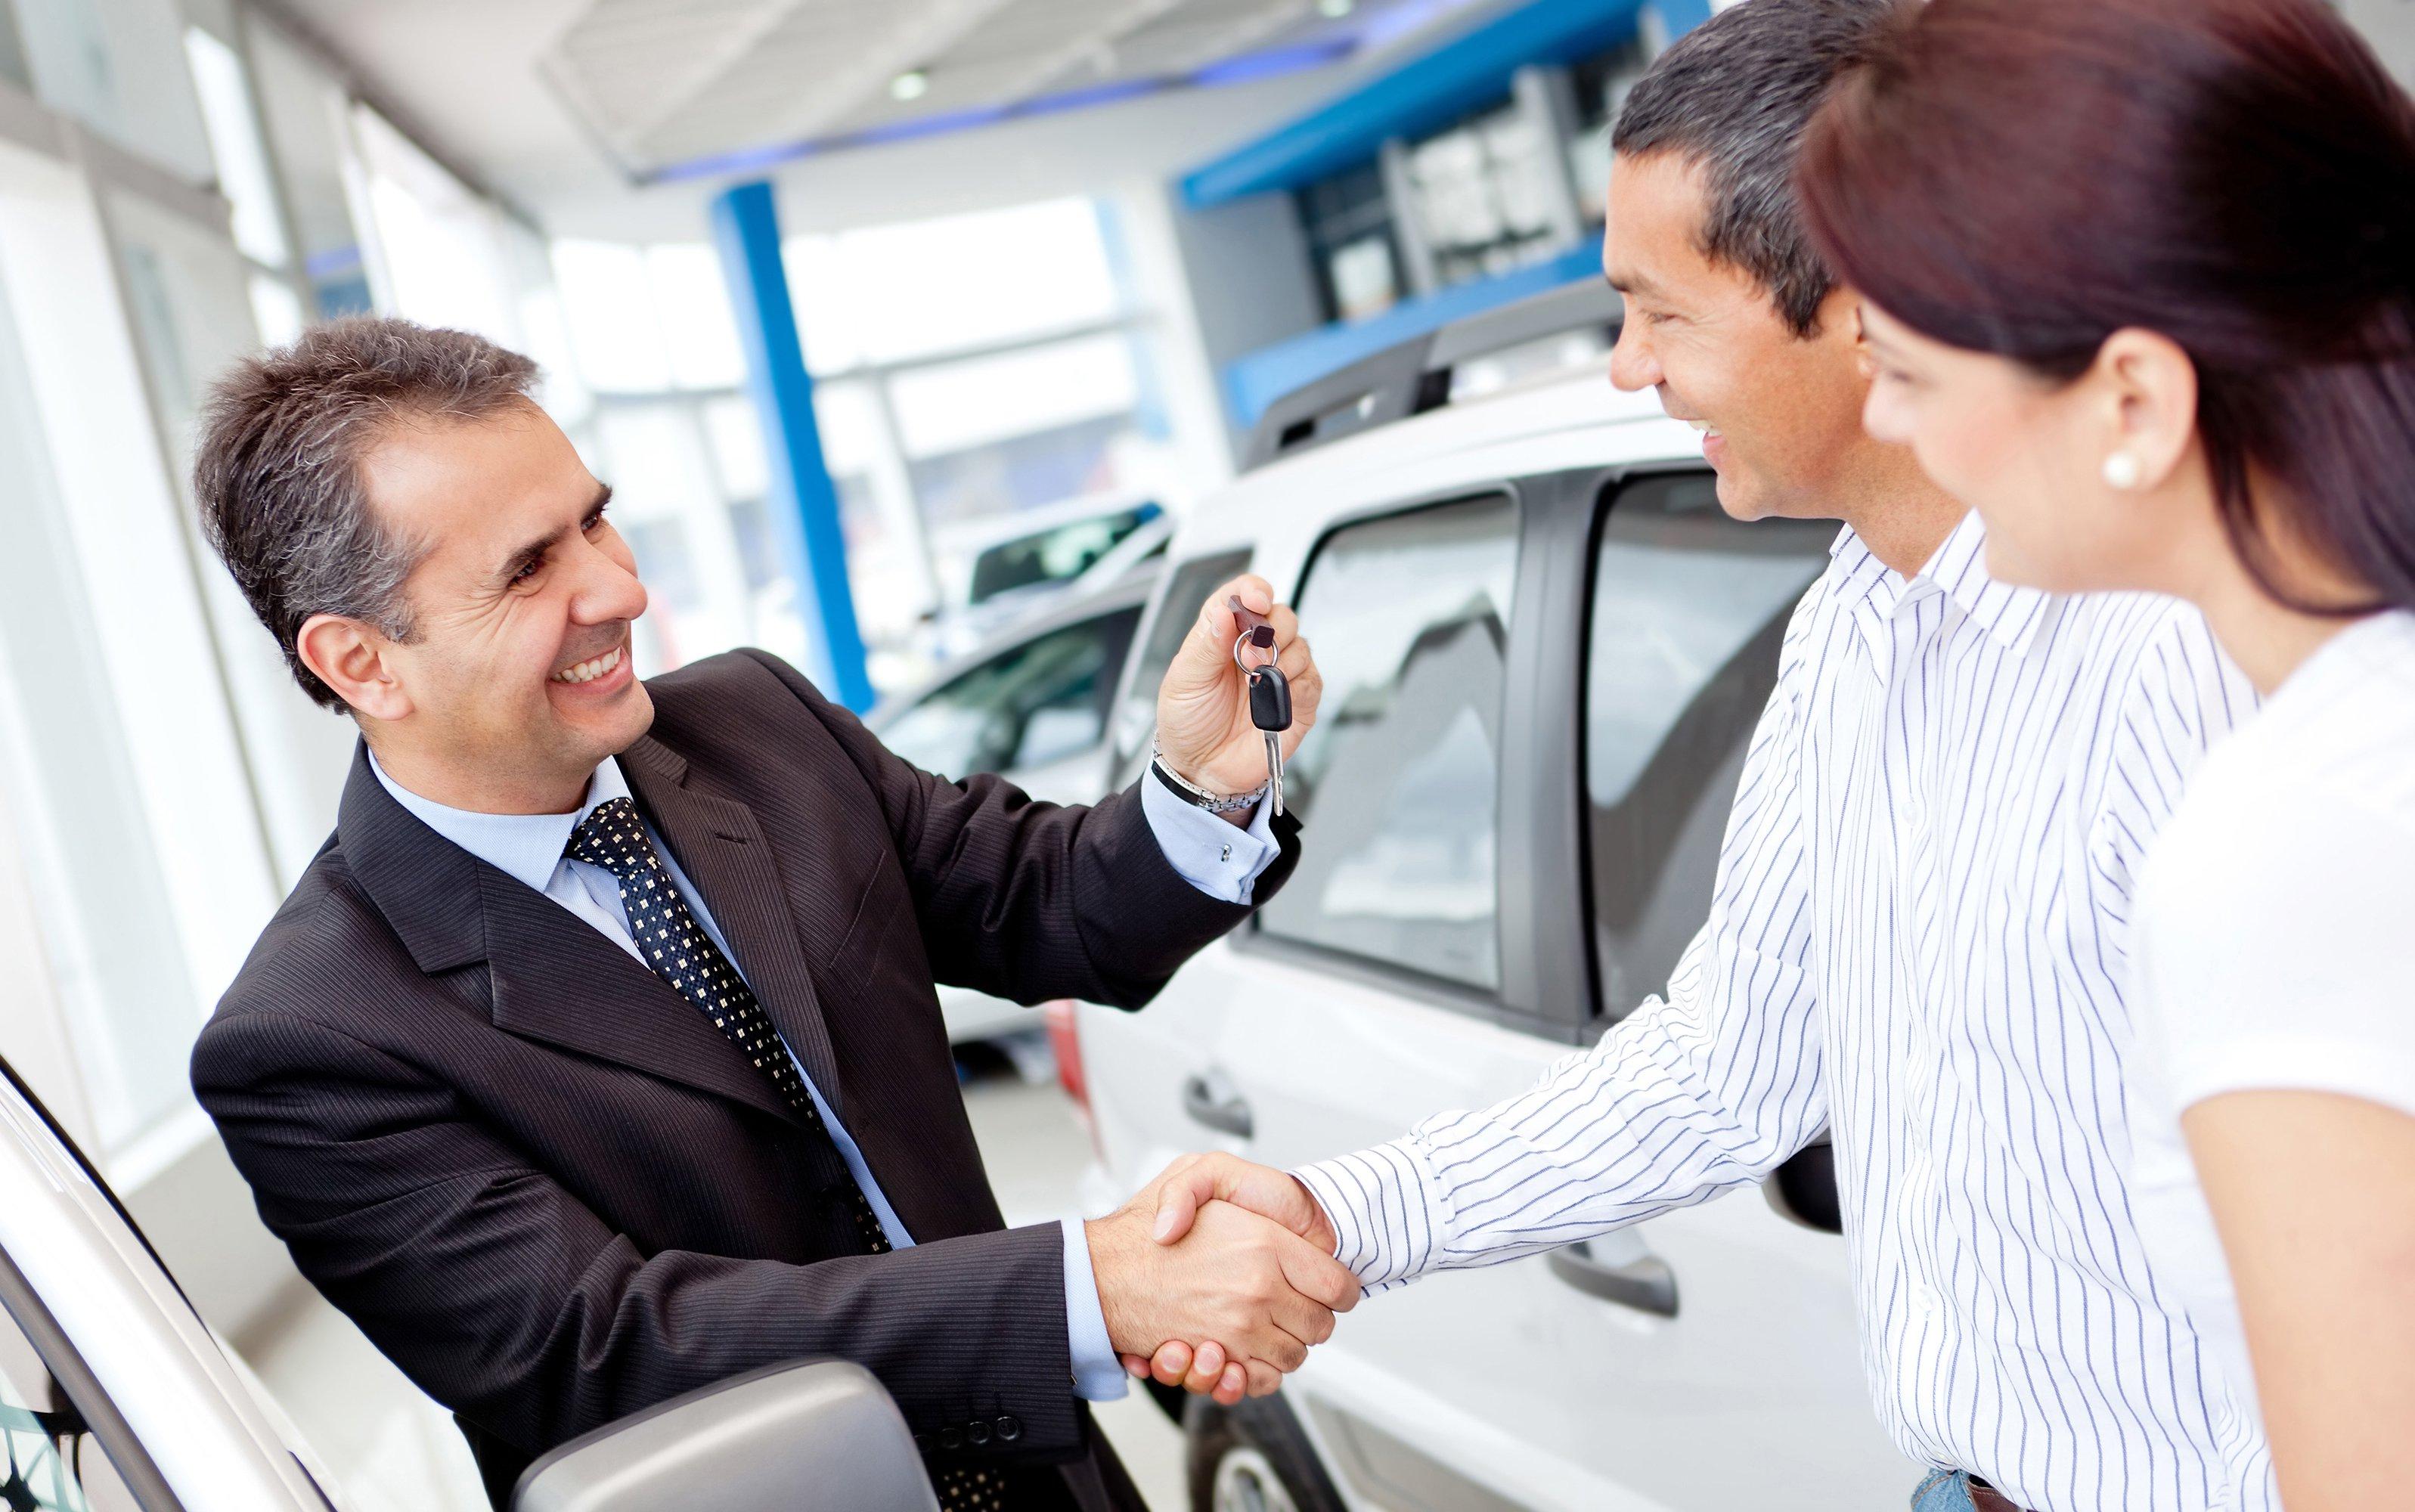 Cách bán hàng giỏi nhất là hết mình vì công việc!